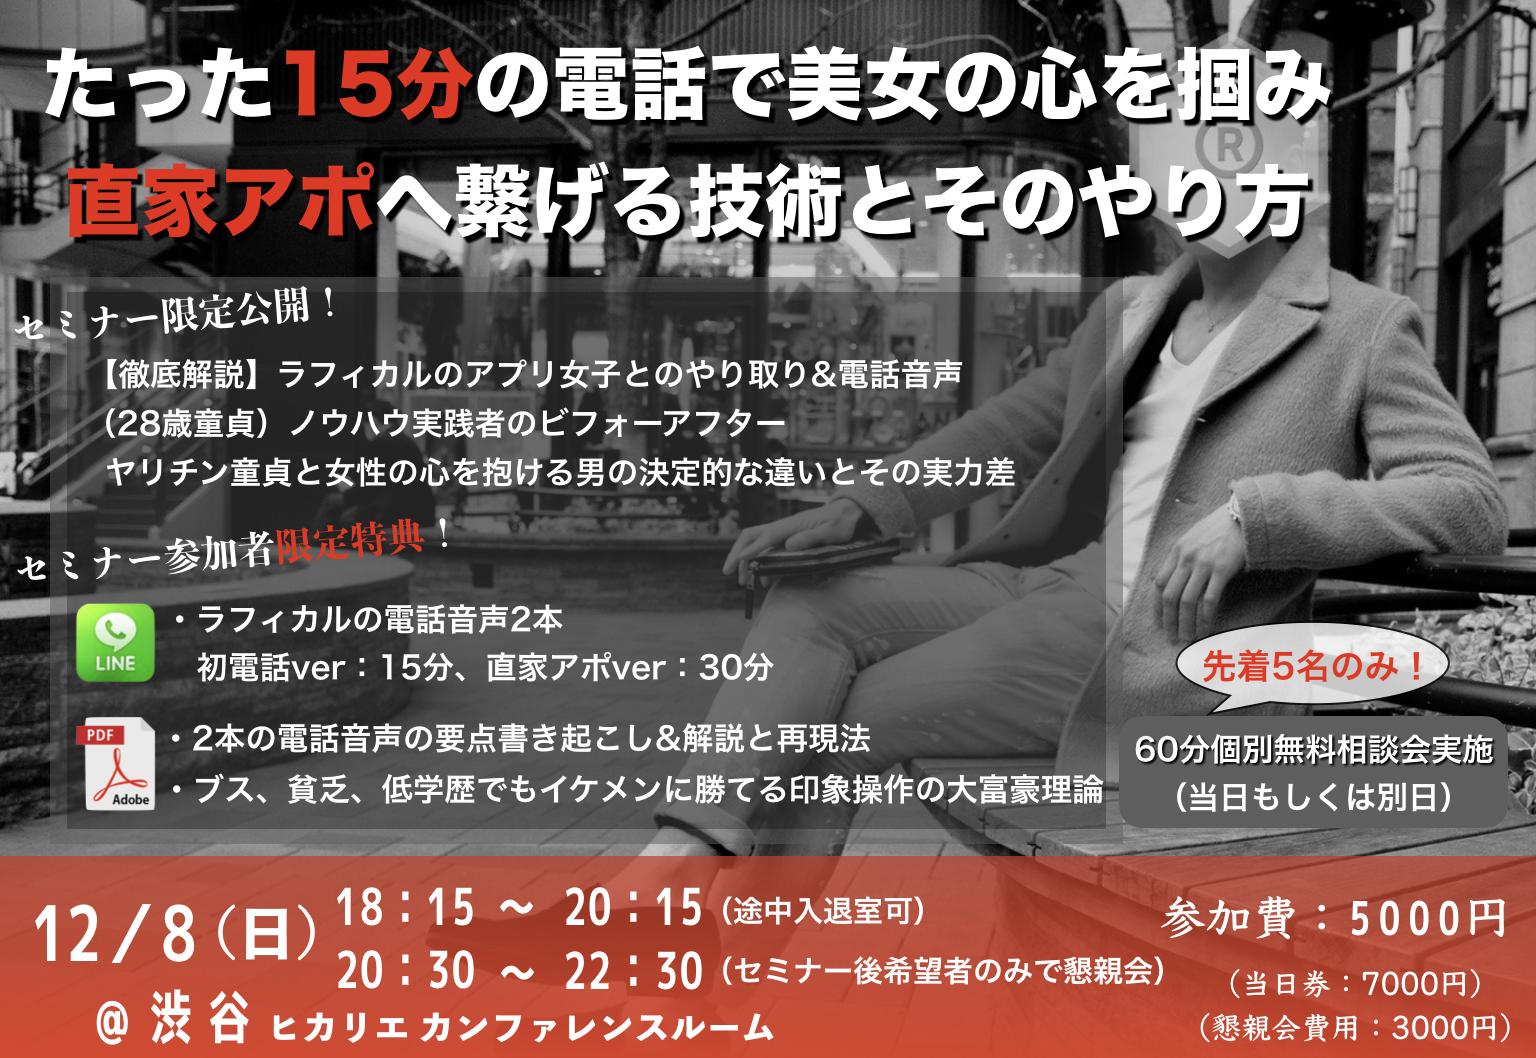 """【超豪華特典付き】12/8(日)""""電話するだけで惚れさせる""""セミナー開催!@渋谷"""